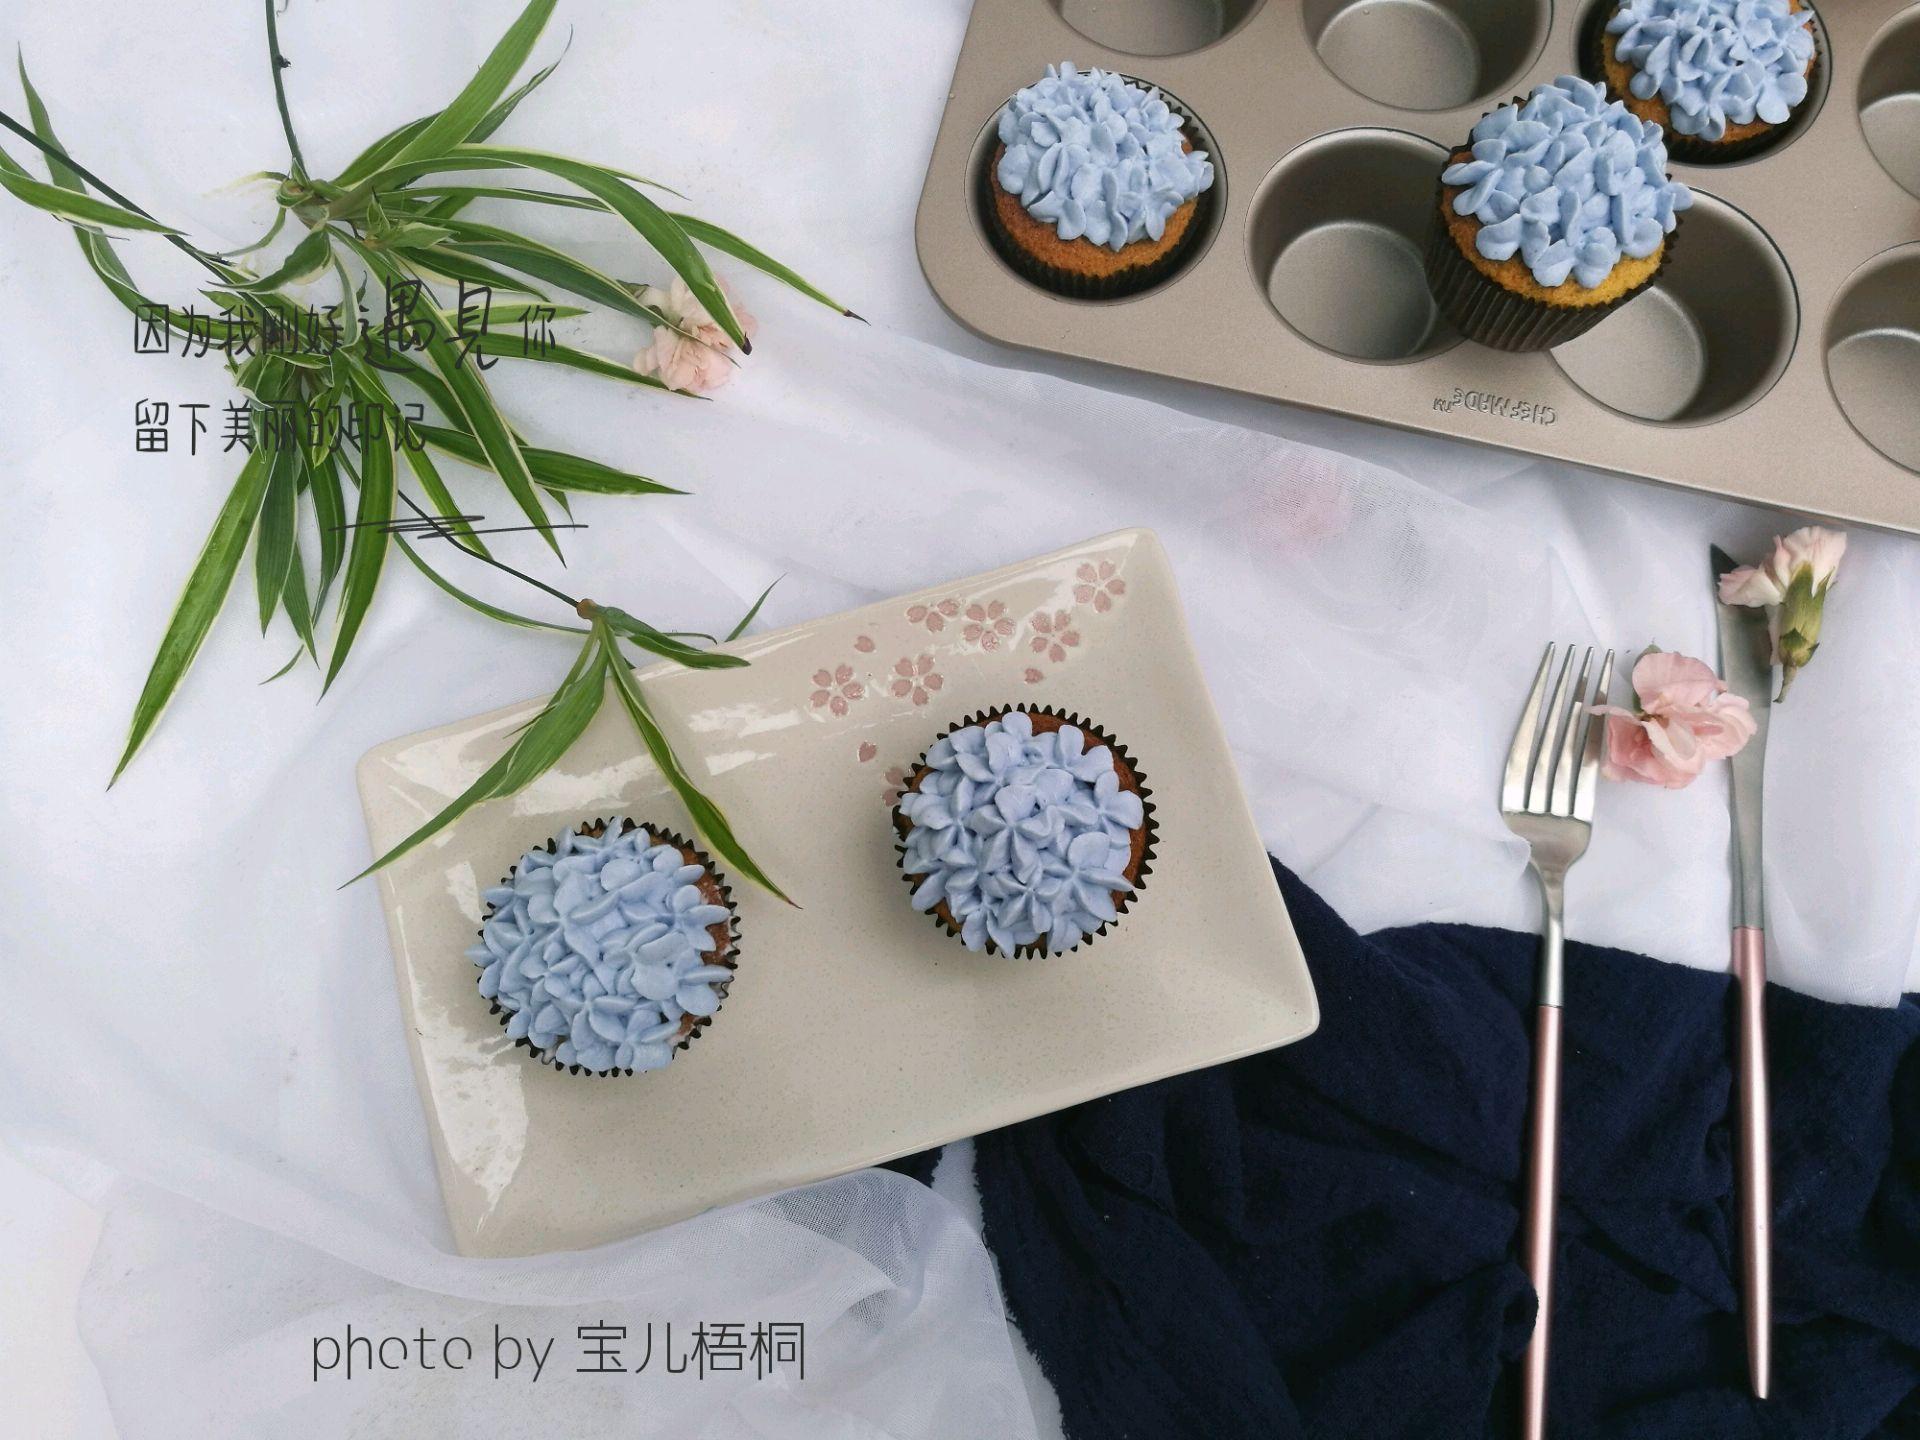 绣球杯子蛋糕的做法_【图解】绣球杯子蛋糕怎么做如何